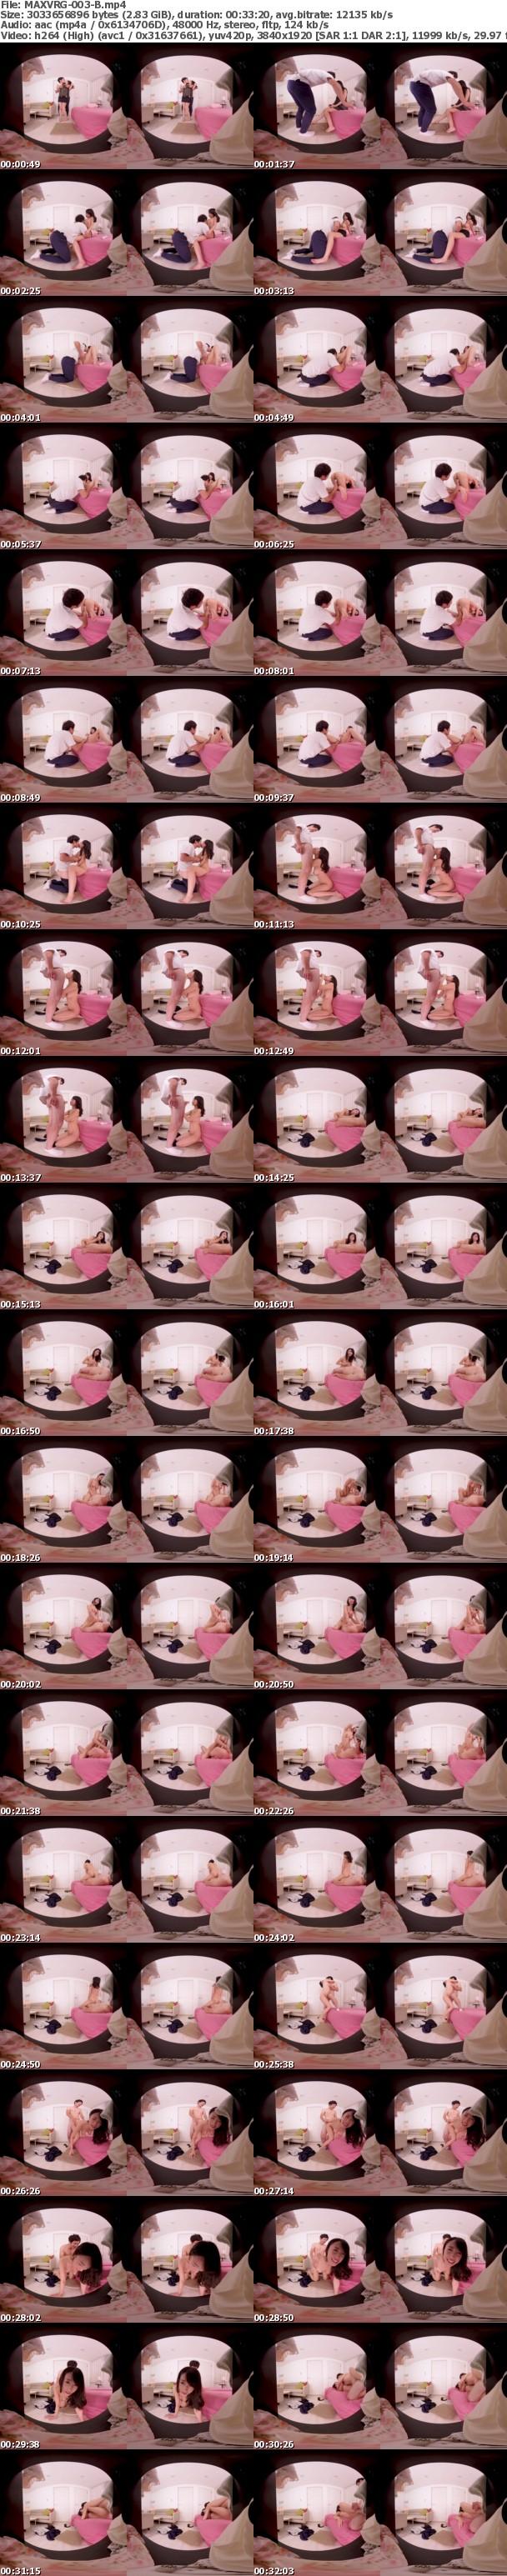 VR/3D MAXVRG-003 高画質 長瀬麻美 隣のお姉さんに迫られて中出しSEX!彼氏とのSEXも覗き見しちゃったボク